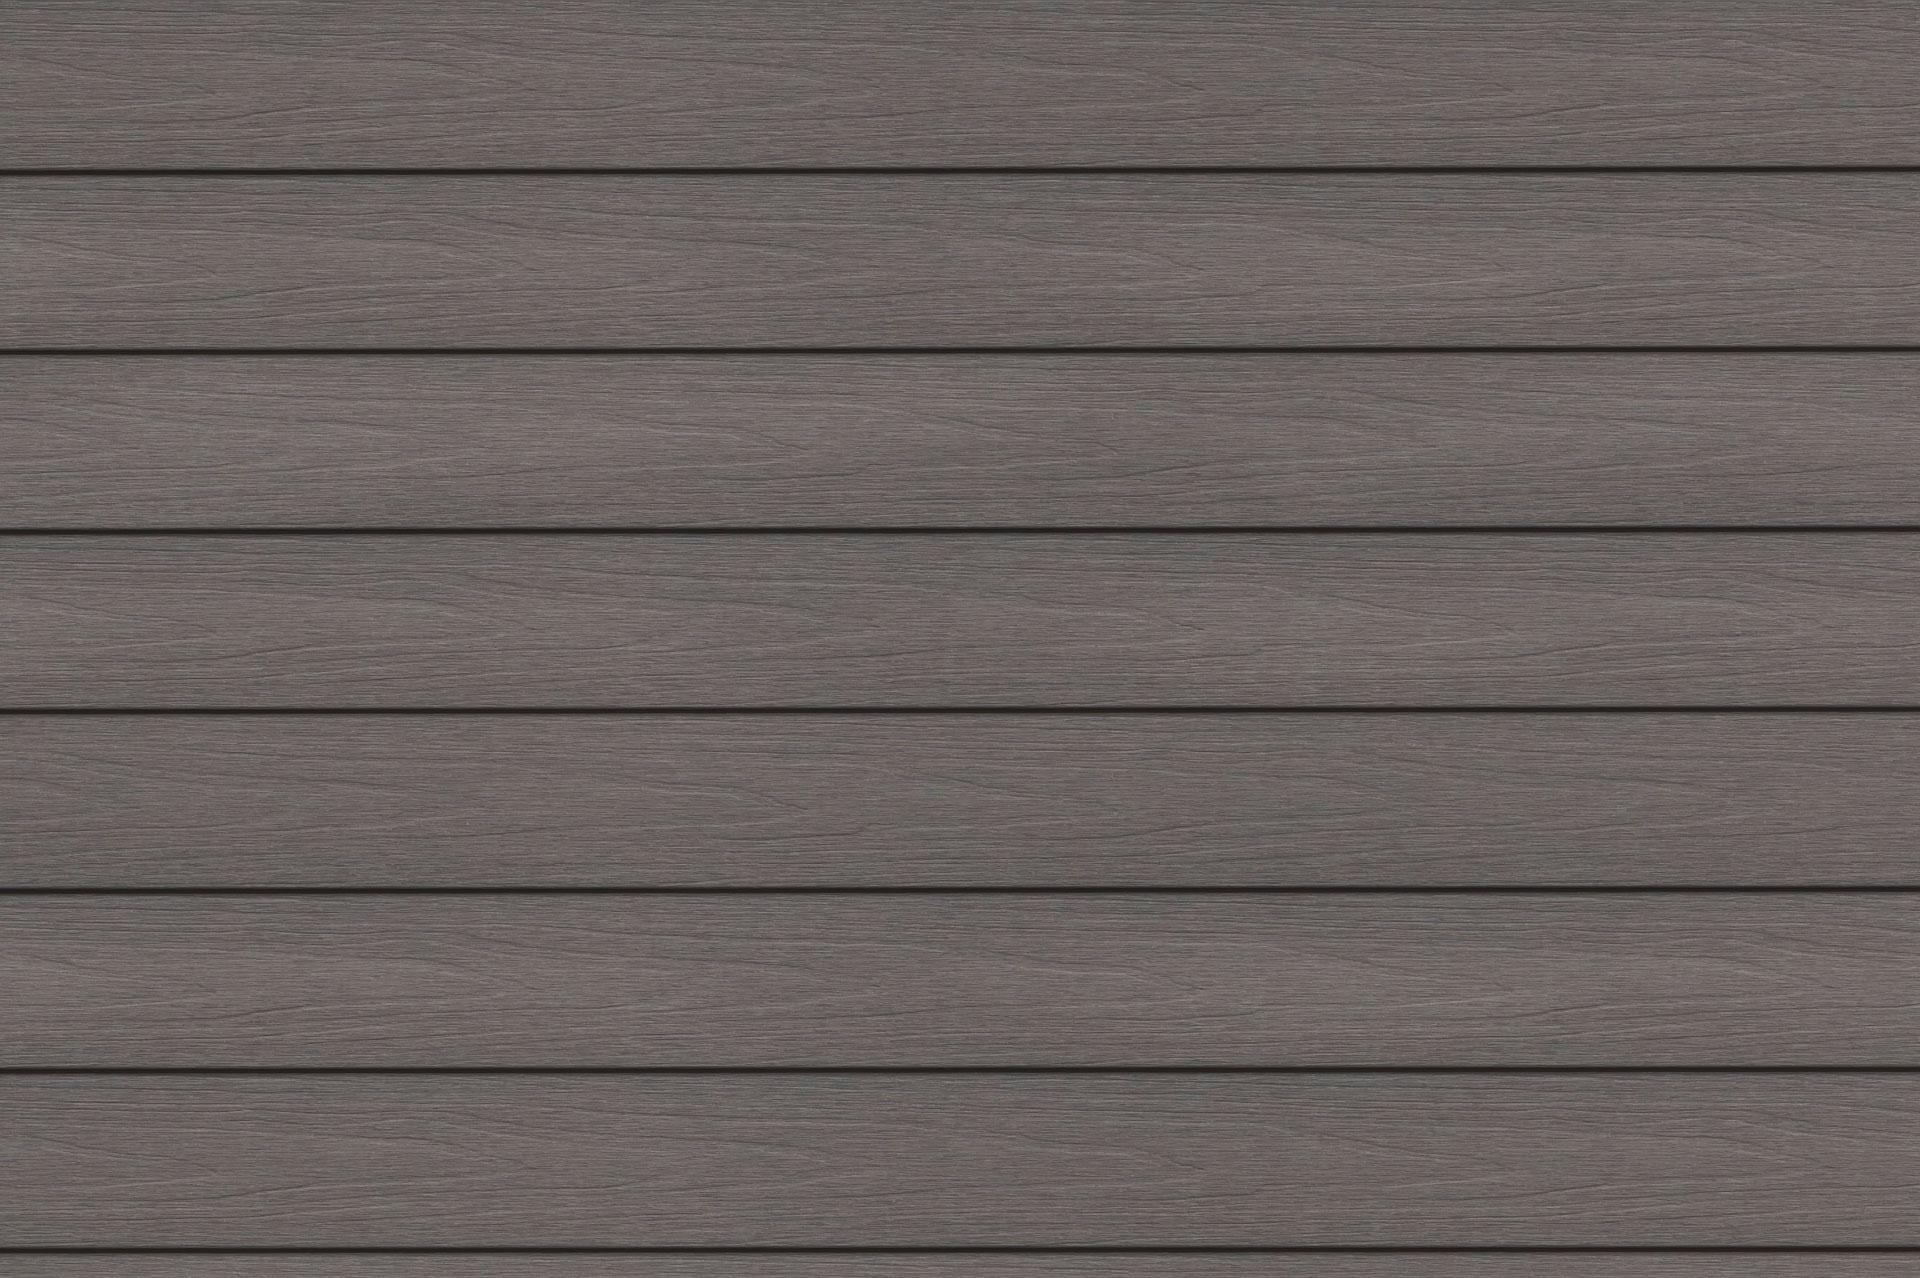 Fano Ultrashield   Musterbild Basaltgrau   WPC-Boden braun-grau mit künstlicher Holzoptik   Svoboda